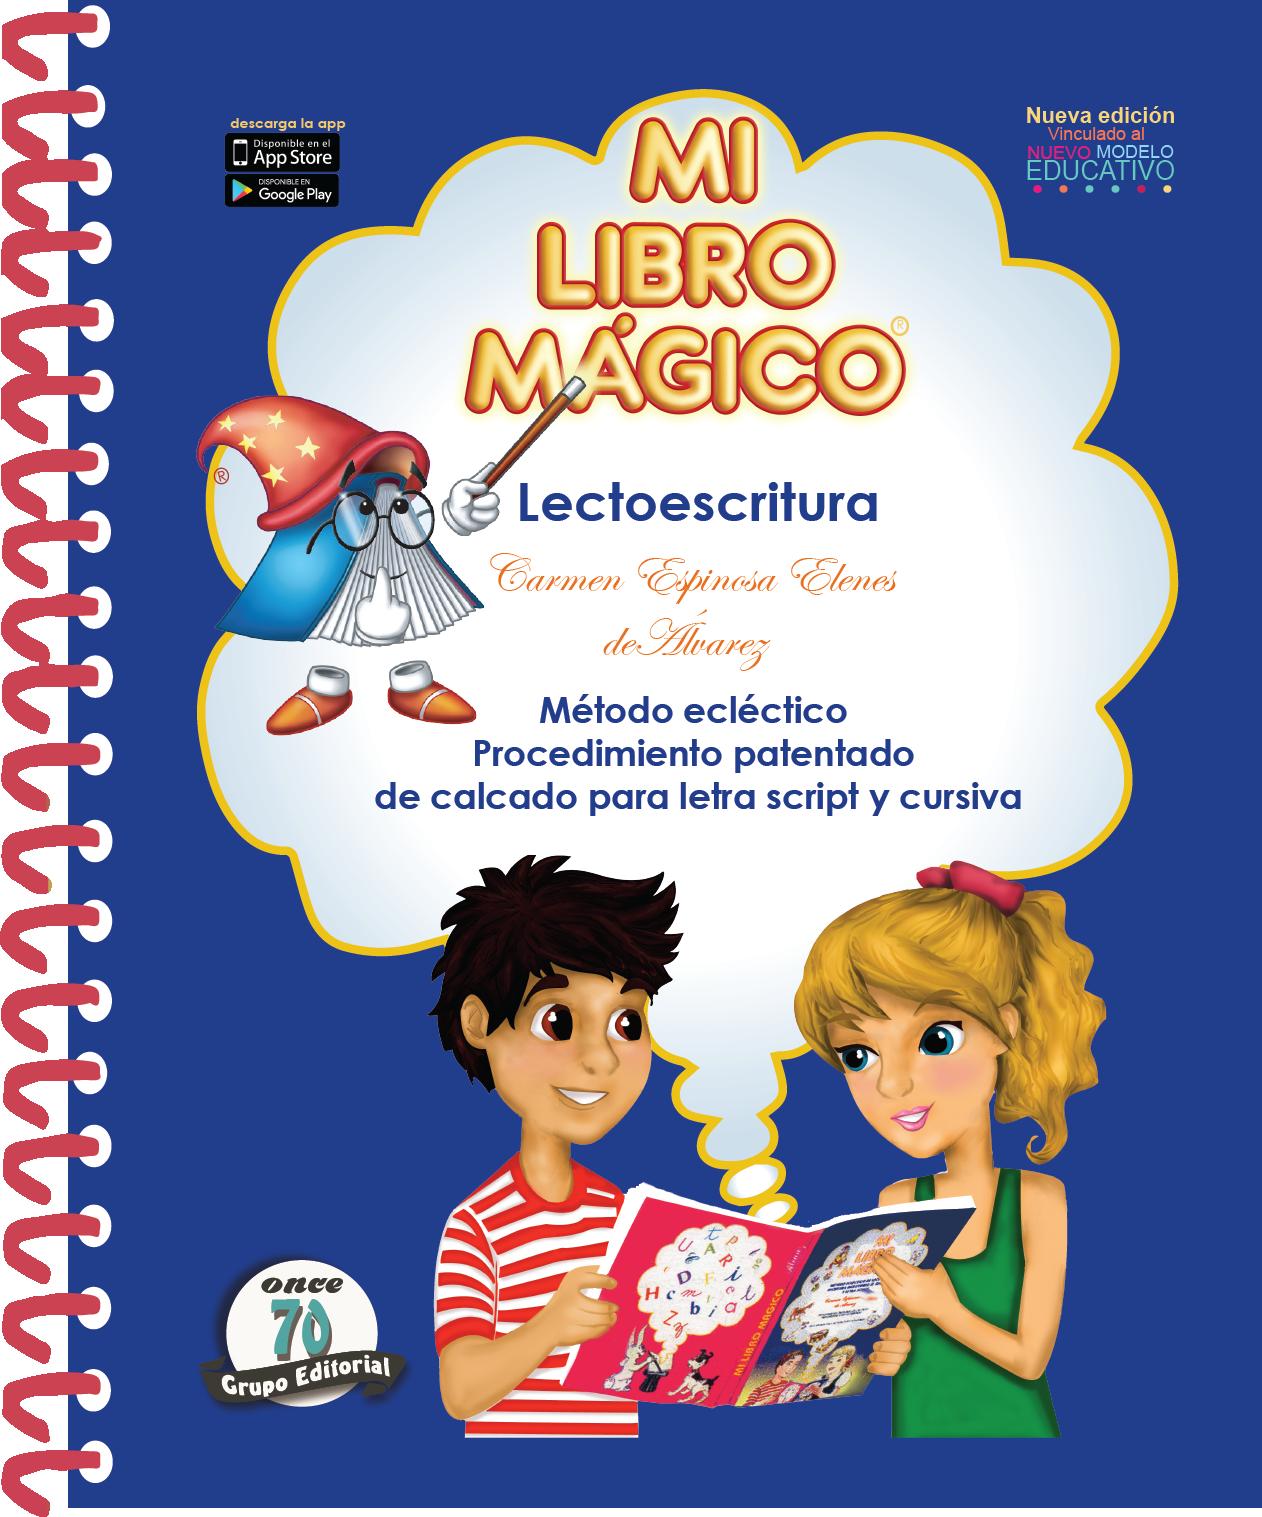 MI LIBRO MÁGICO. LECTOESCRITURA (clásico) NUEVA EDICIÓN.        - Vinculada al Nuevo Modelo Educativo MLM-001